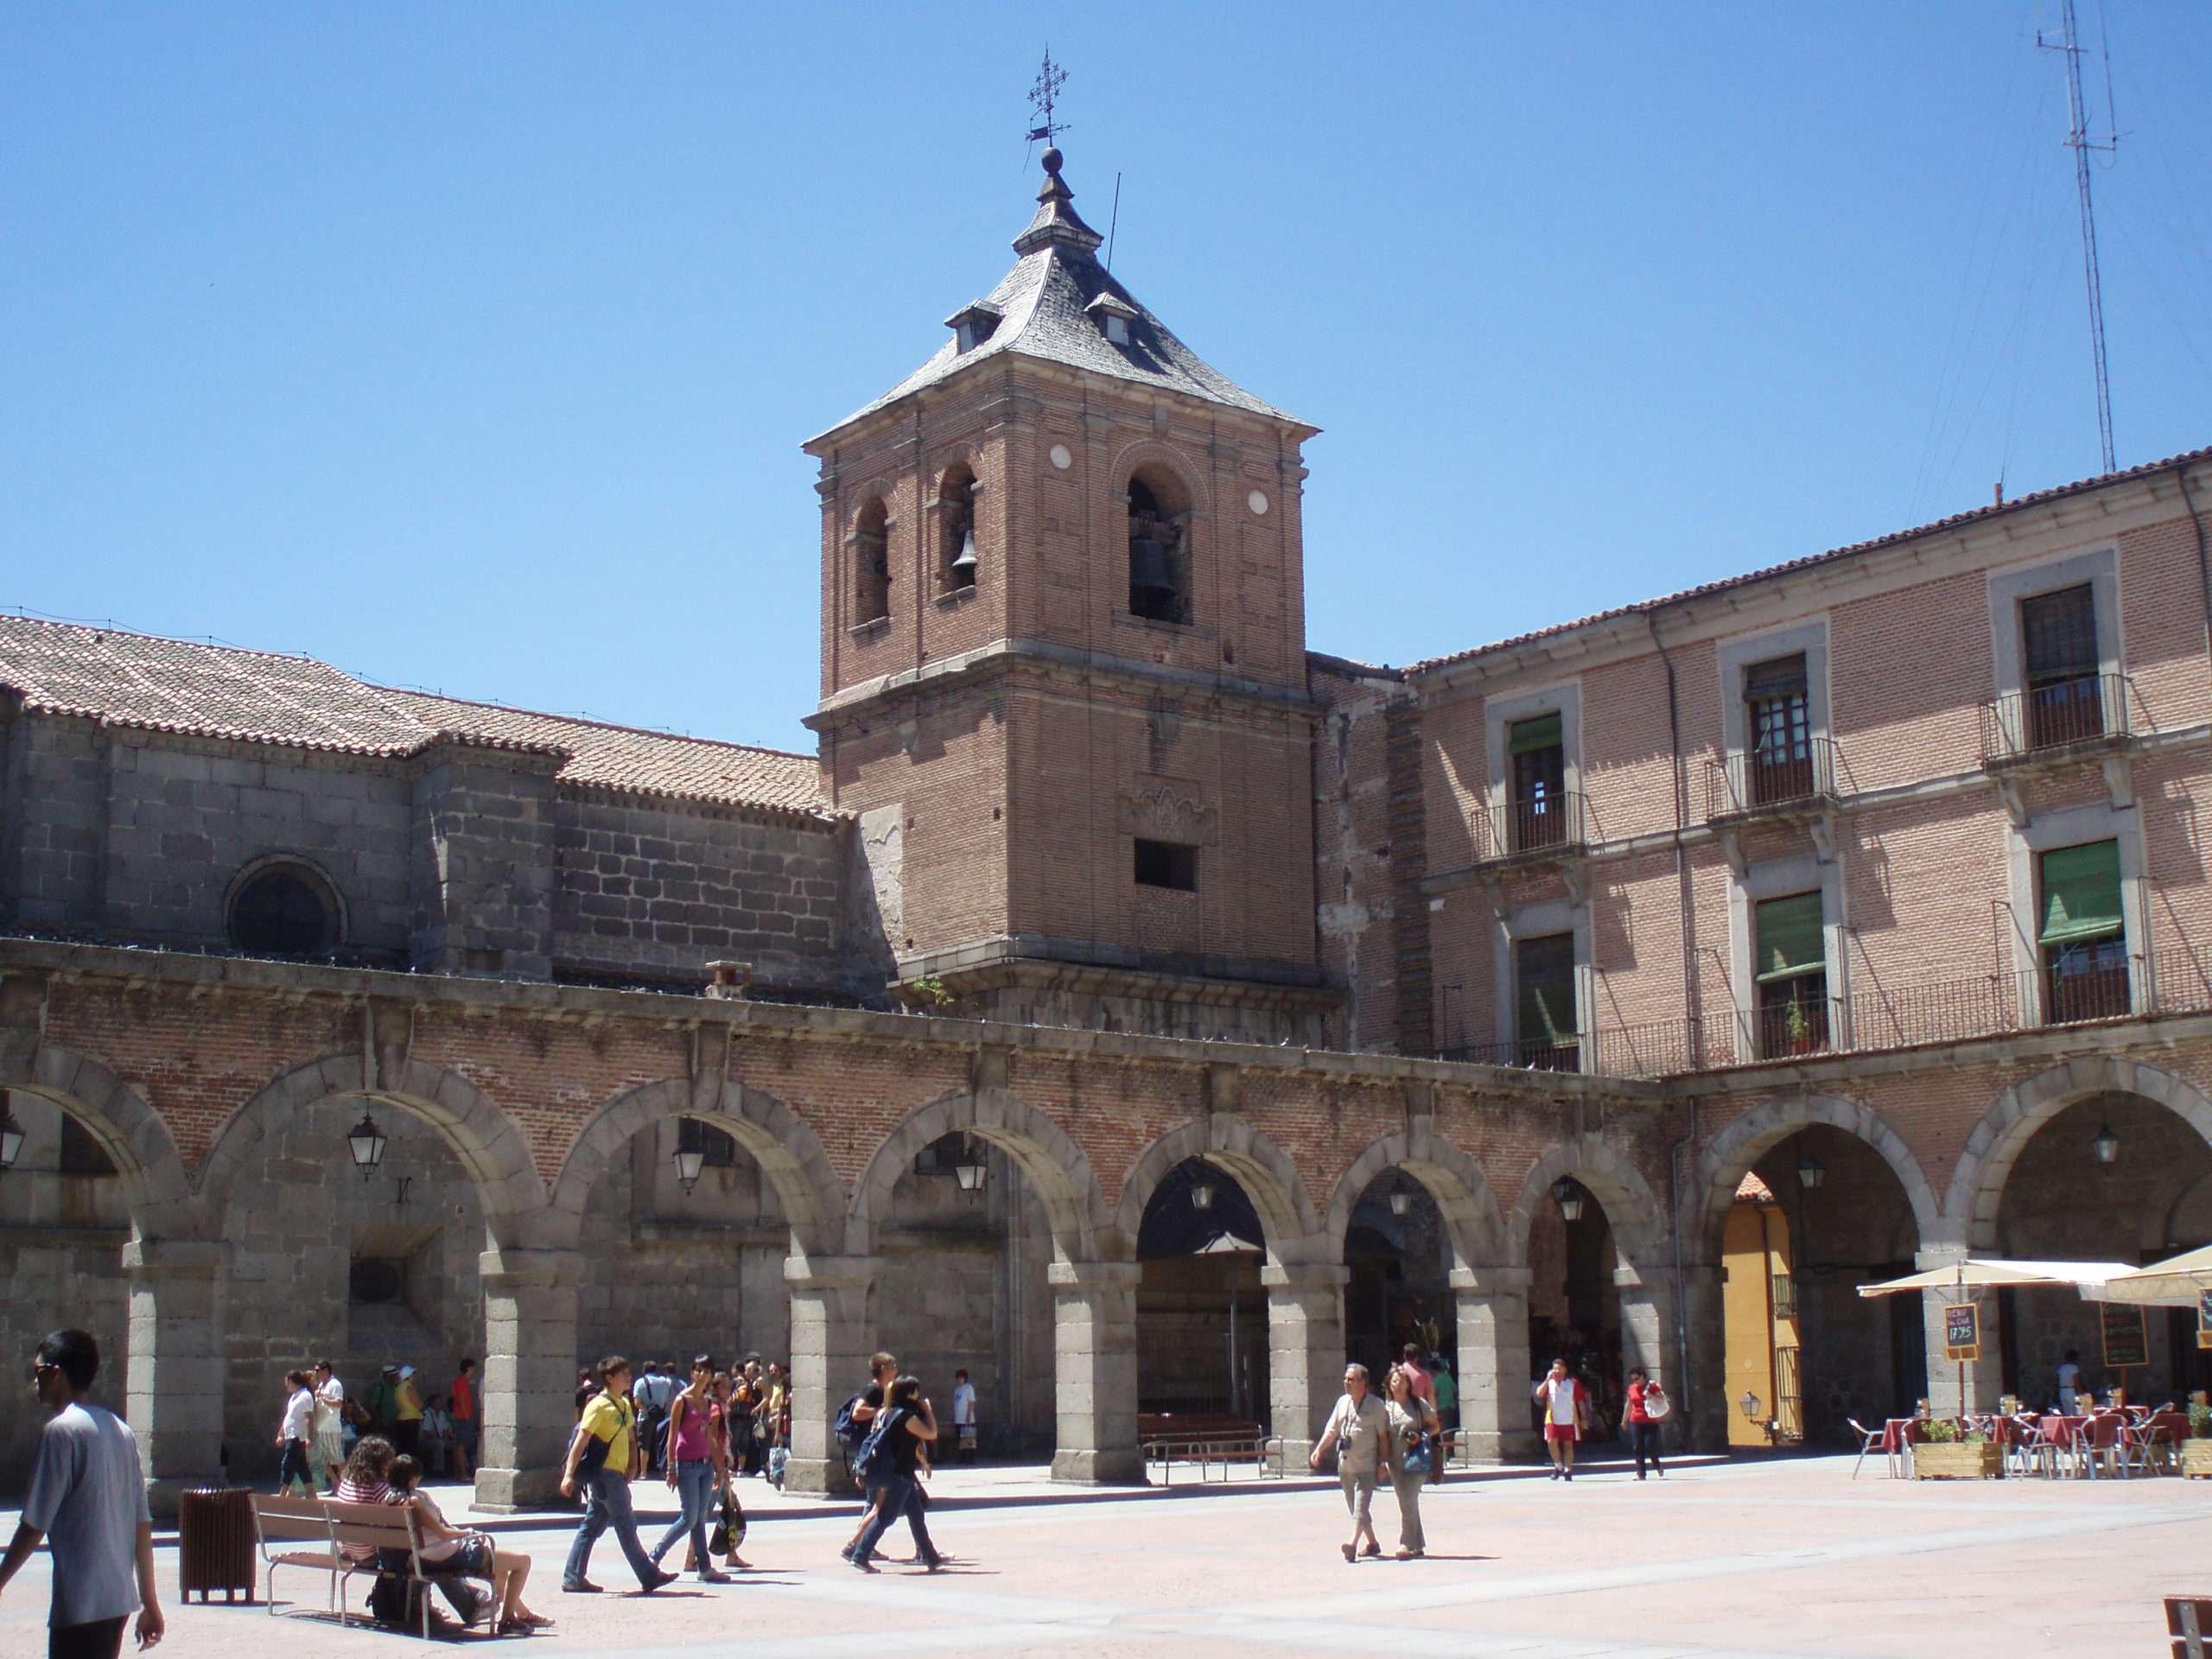 Mercado Chico - Wikimedia